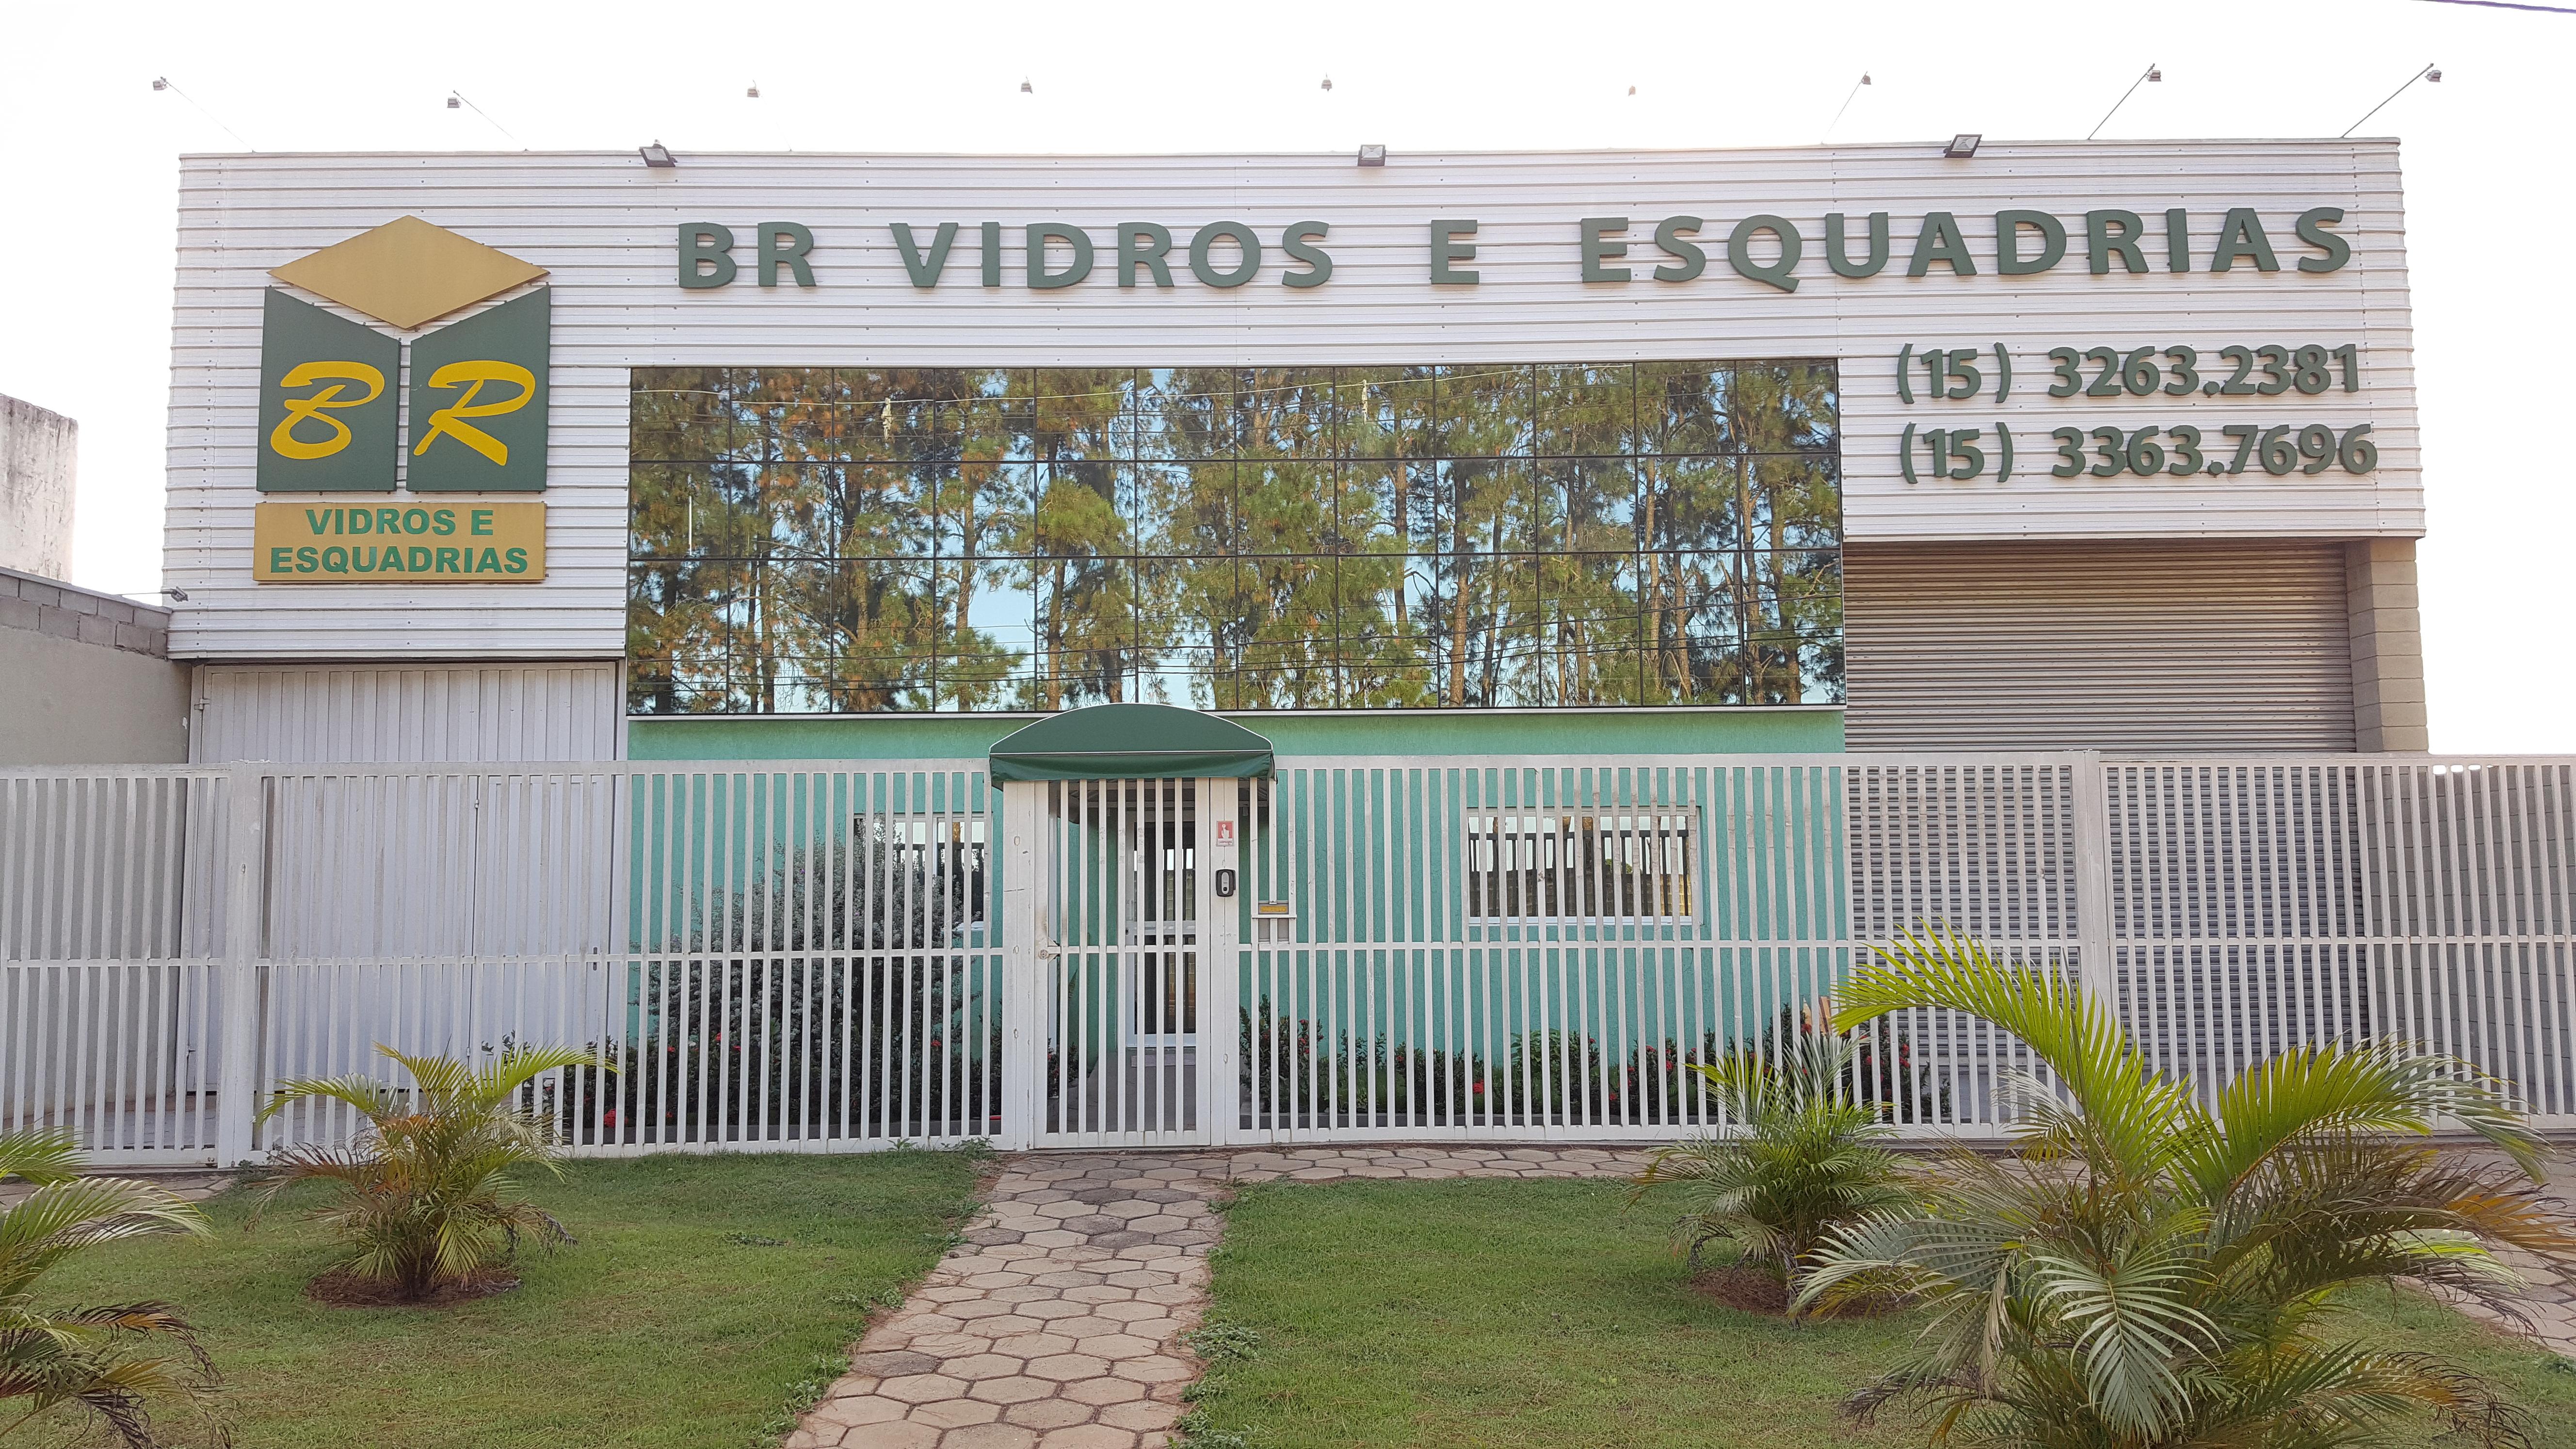 BR Vidros e Esquadrias